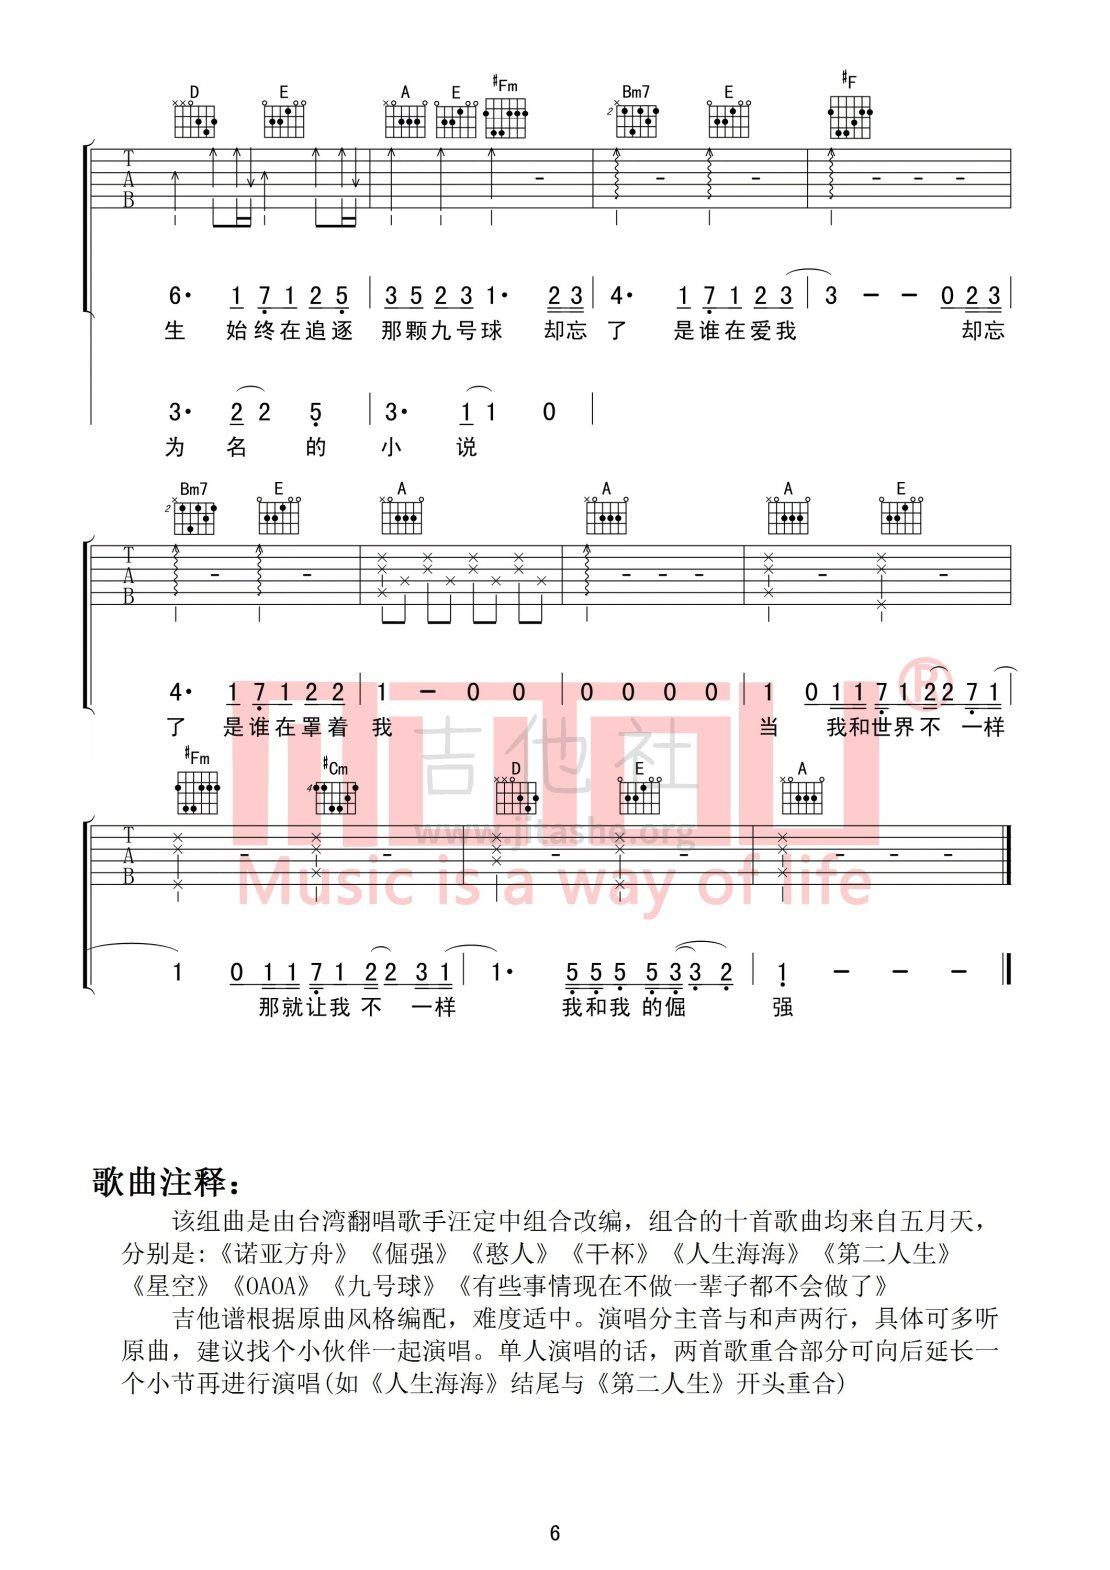 五月天十首组曲(原调 汪定中 串烧 高度还原)吉他谱(图片谱,木头吉他屋,汪定中,串烧)_五月天(Mayday)_五月天十首组曲06.jpg